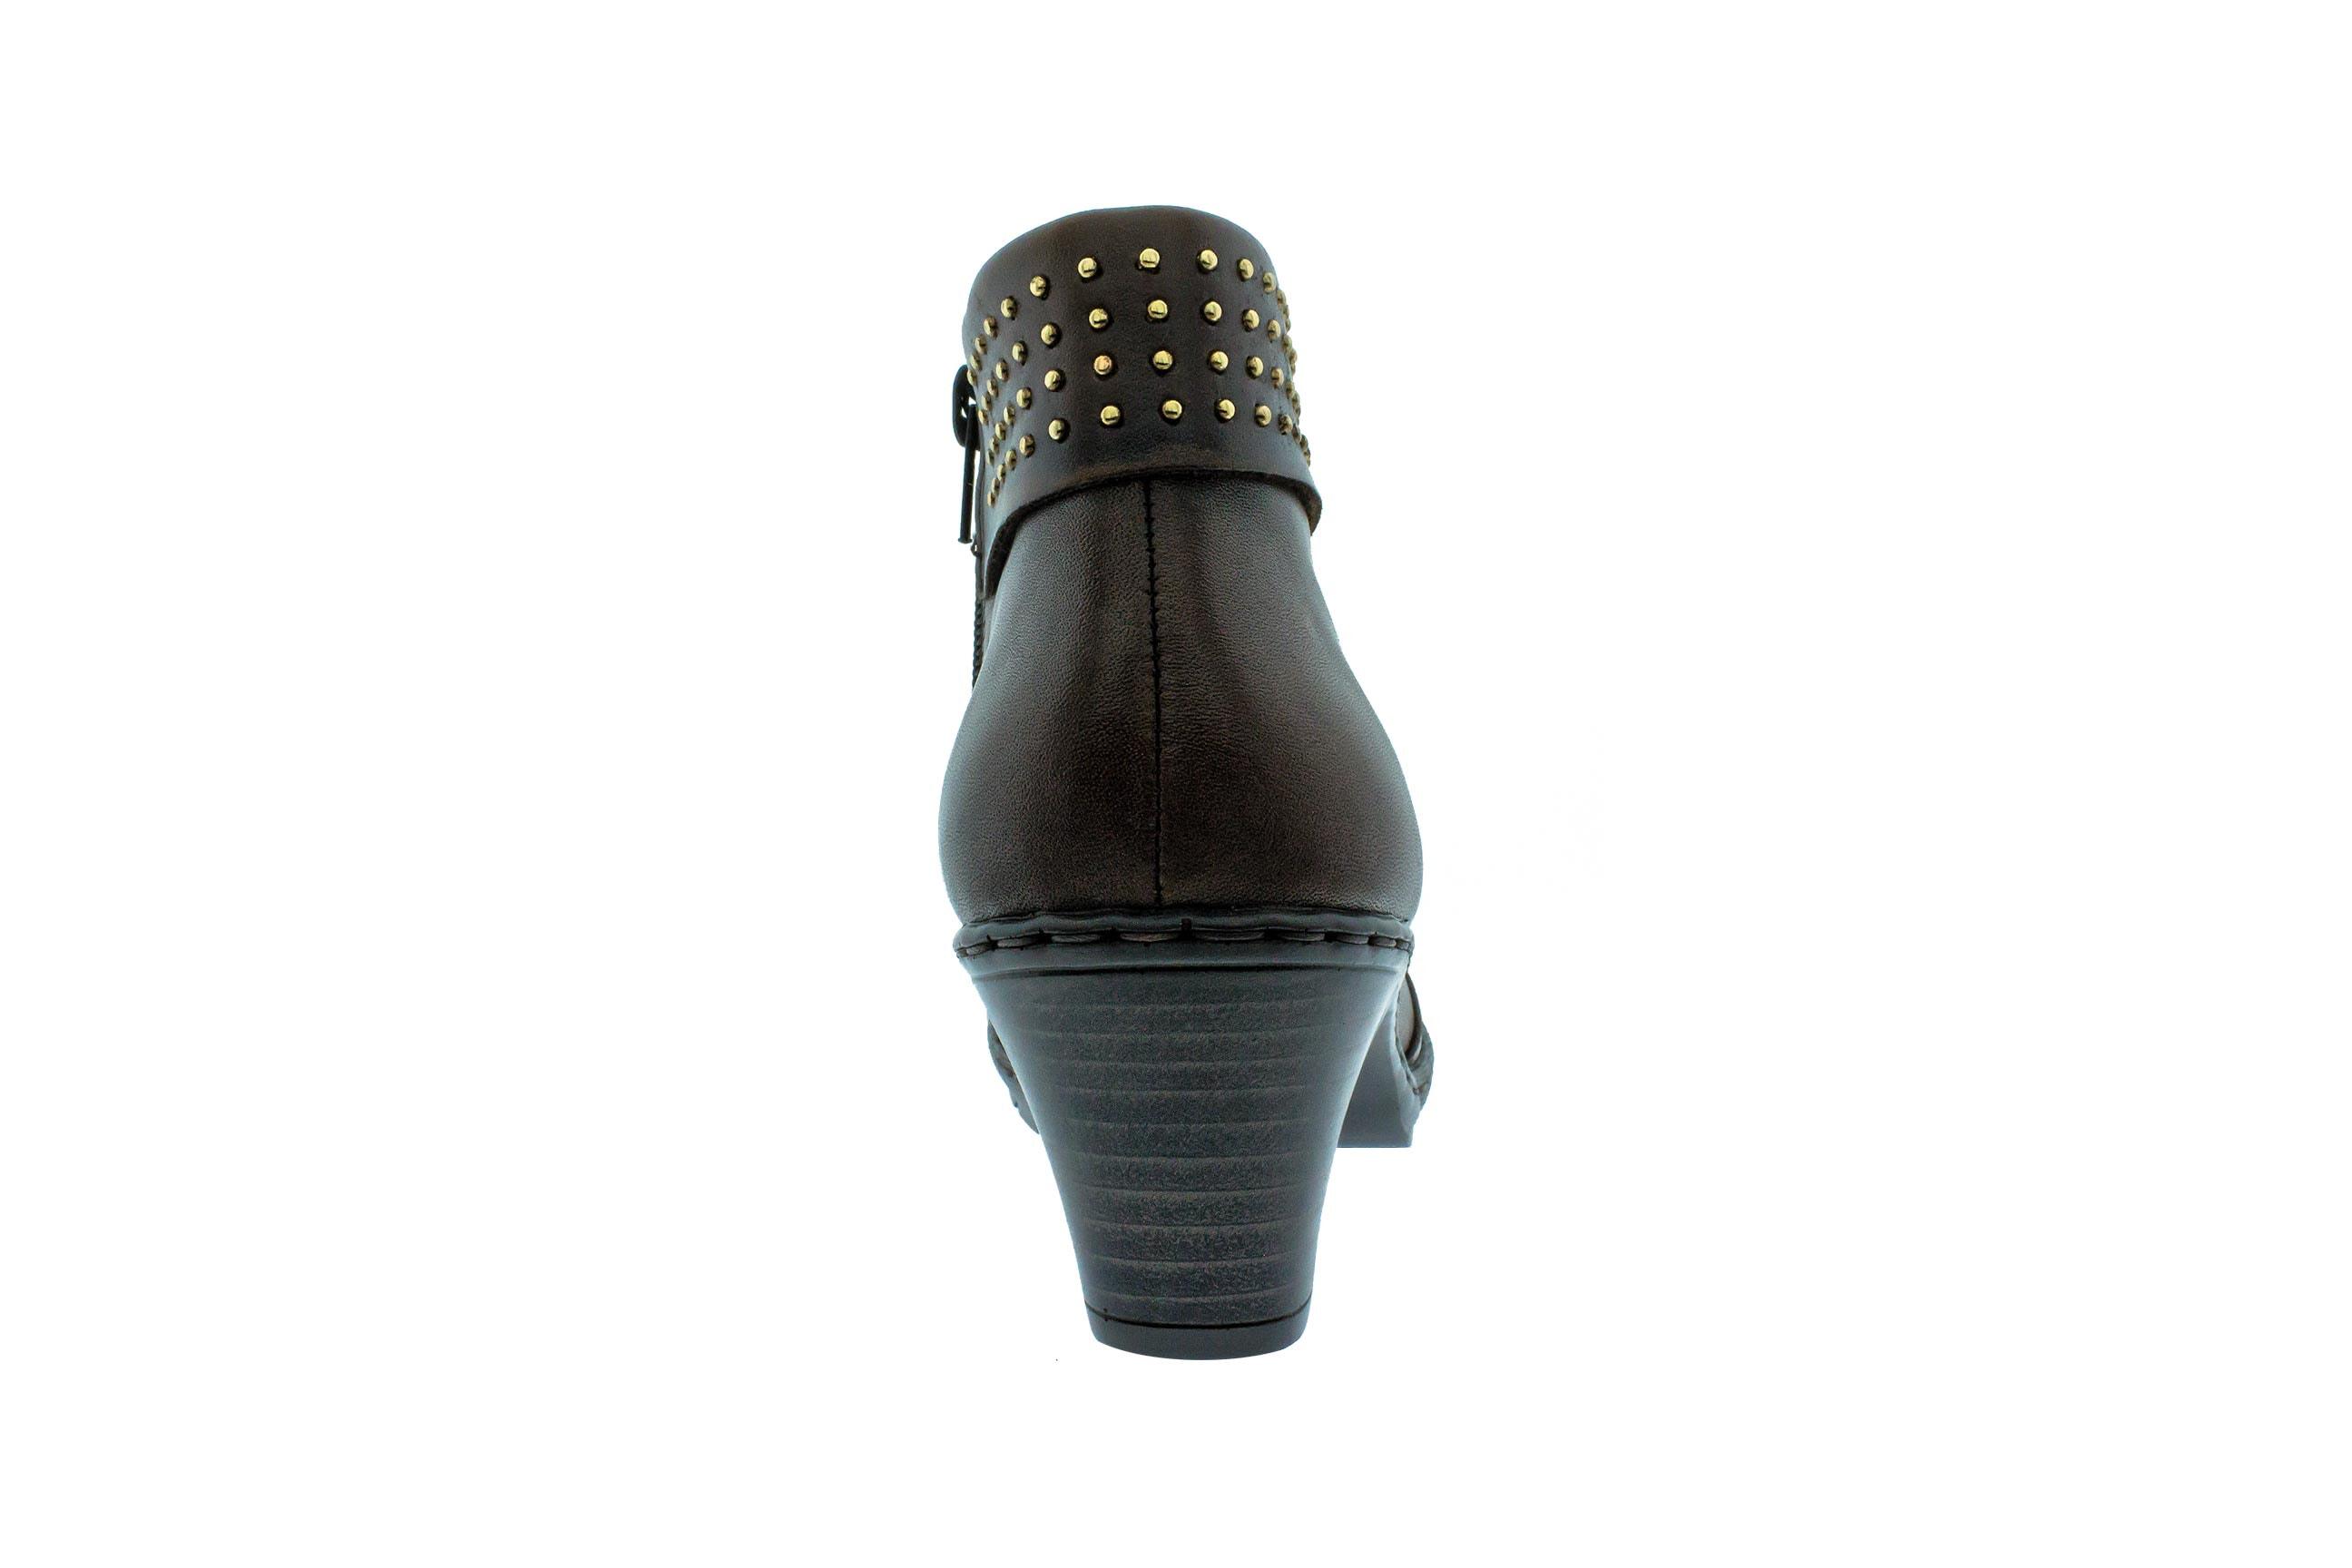 Kakumei - Packshot - Photo de produit - 360 - Site internet vitrine - Chaussure - Rieker - Arrière